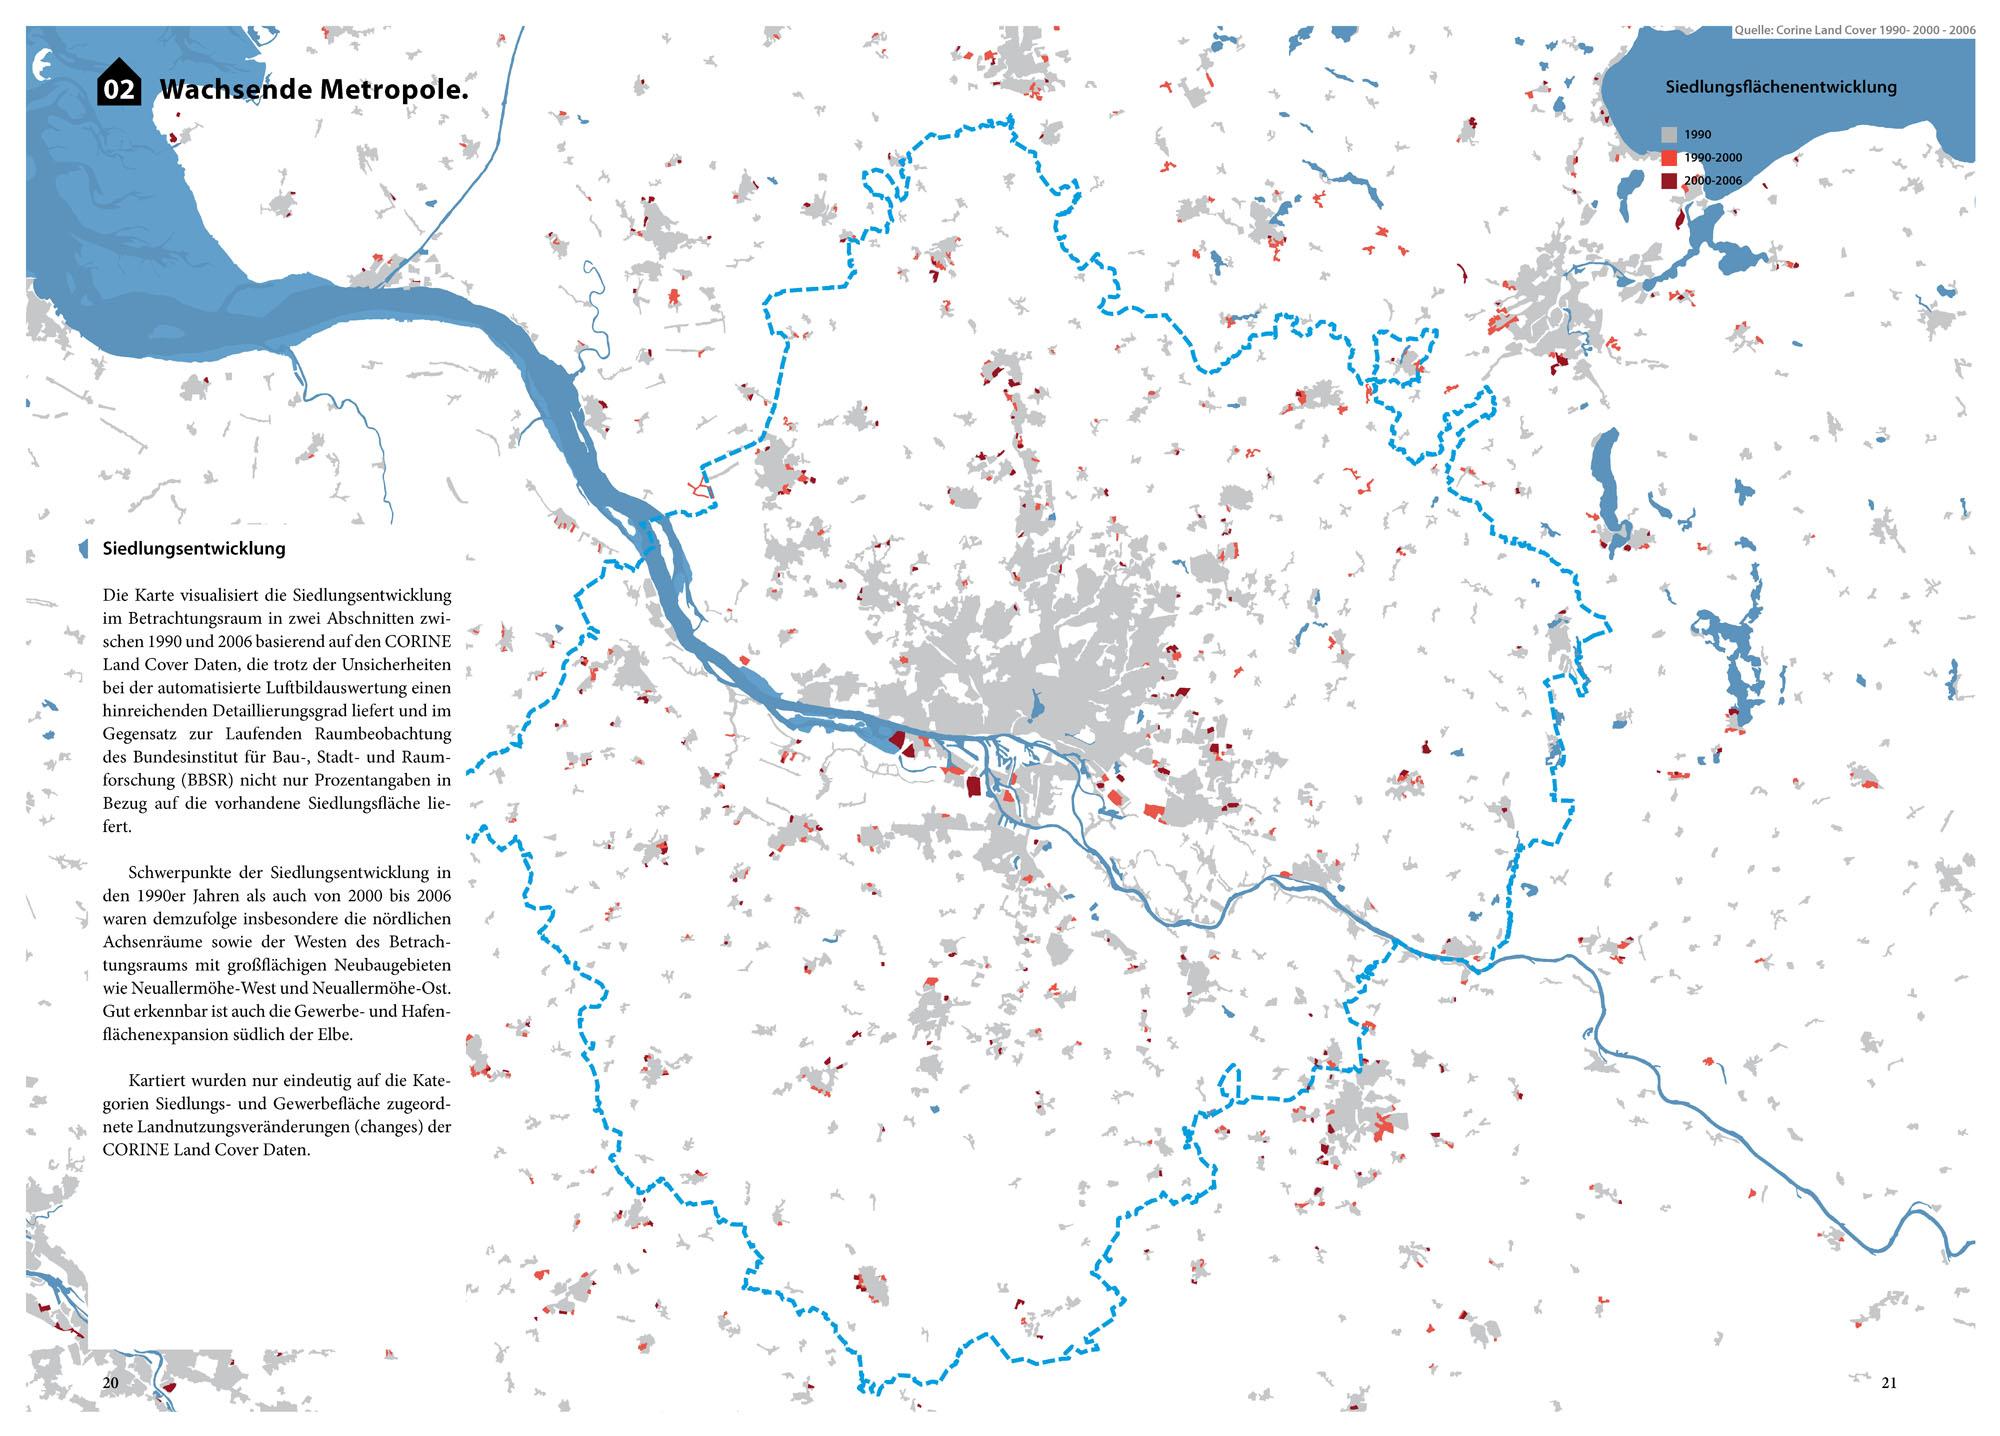 Suburbia Atlas Hamburg Siedlungsentwicklung Siedlungsflächen Wachsende Metropole Karte